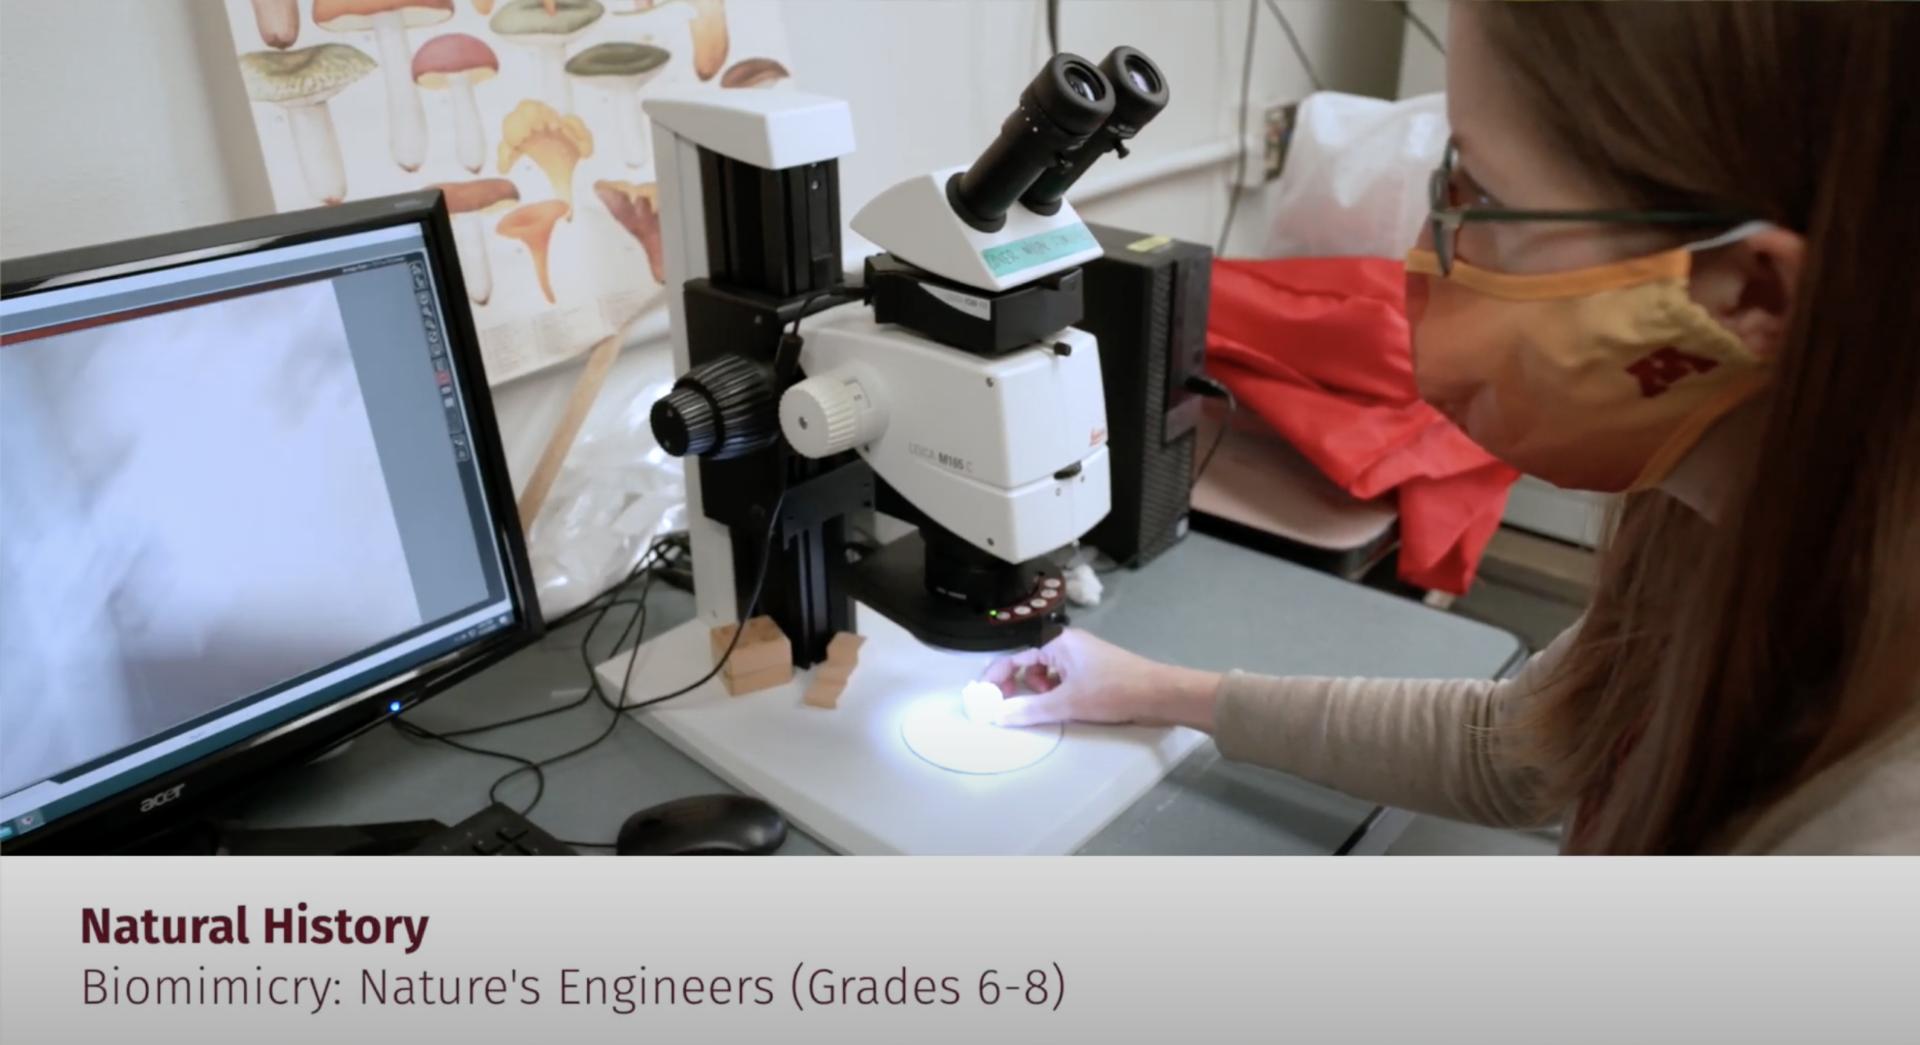 scientist using microscope to analyze data